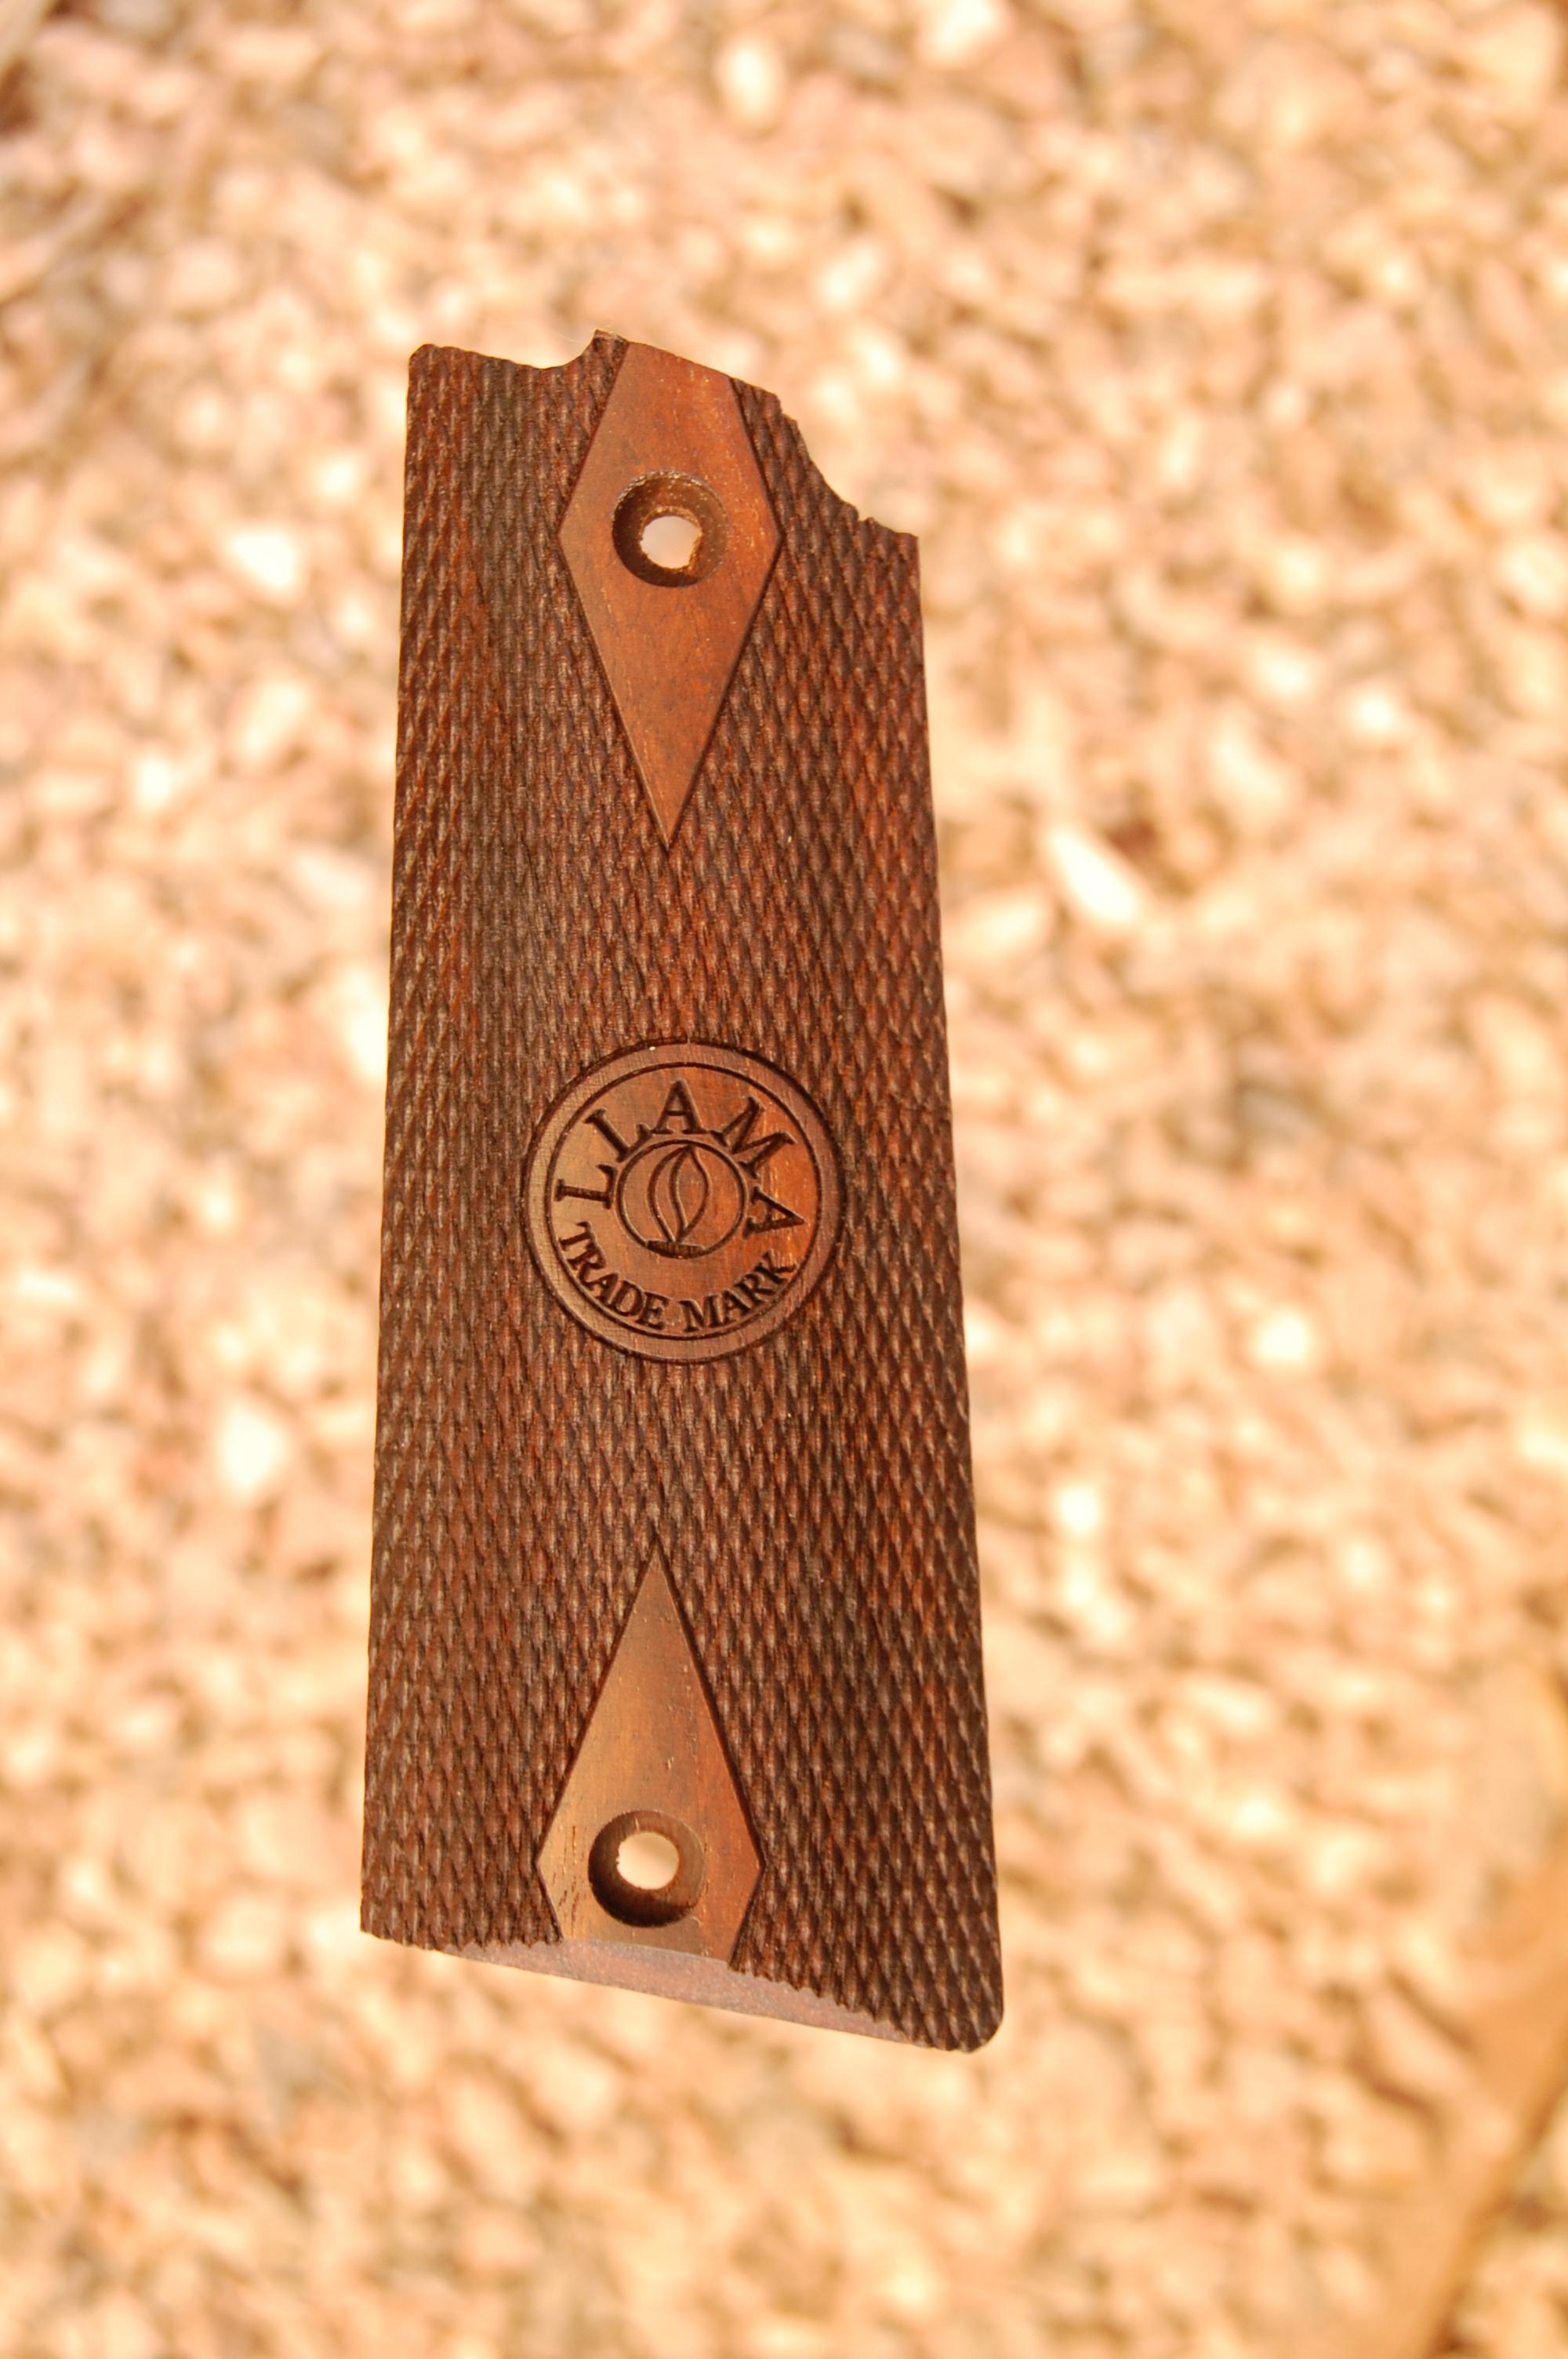 LLAMA IXa grips (checkered+logo) - full size